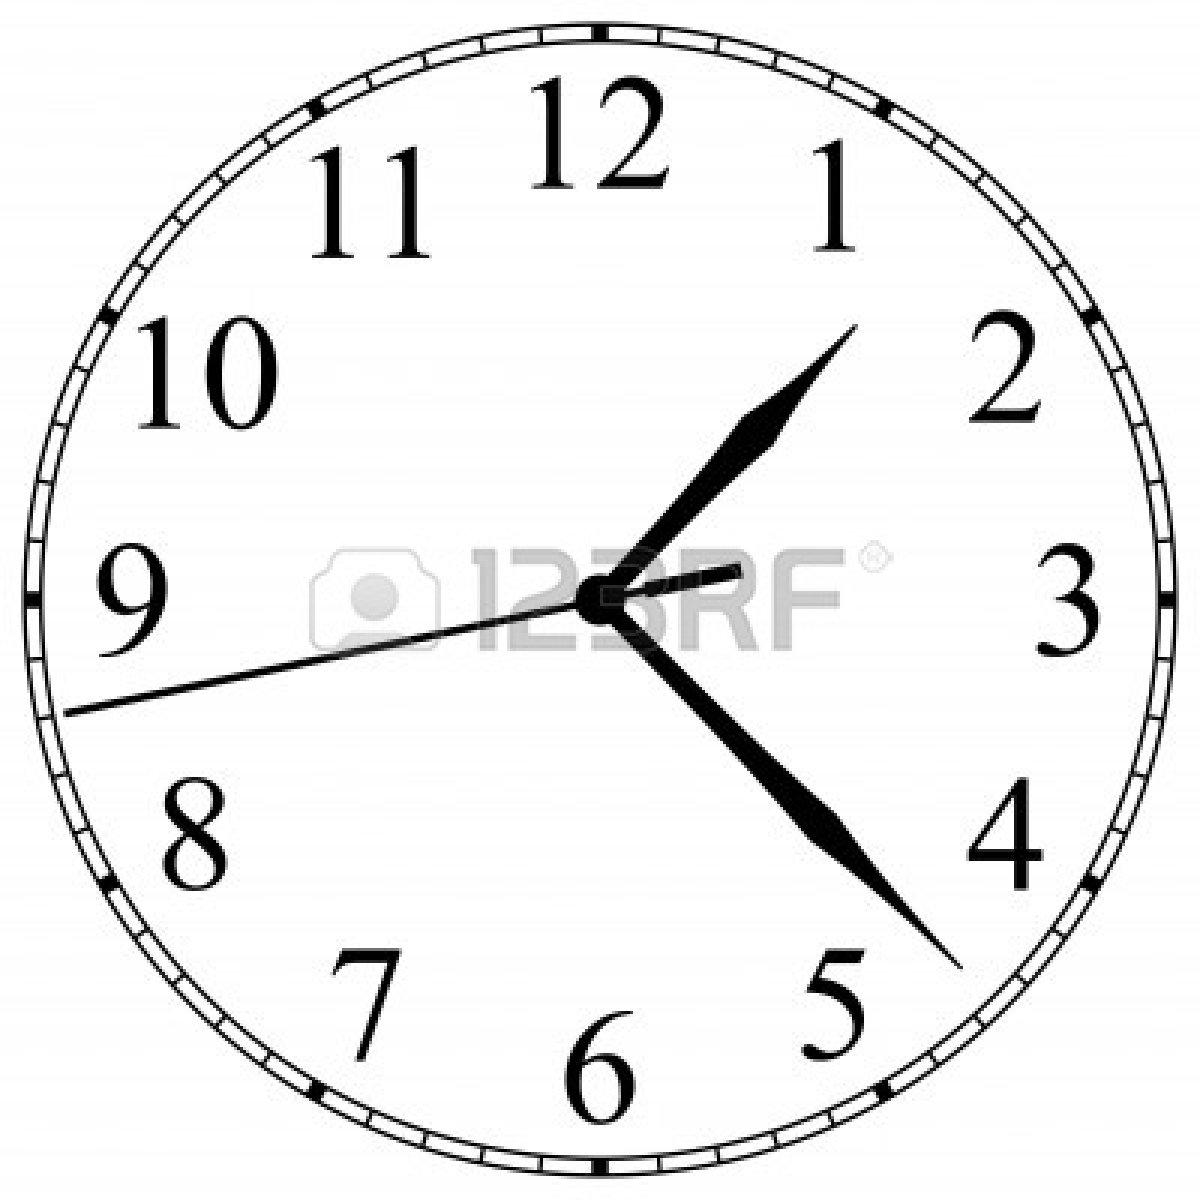 Pics Photos - Clock Face Clip Art Free 7-Pics Photos - Clock Face Clip Art Free 7816 Clock Face Clip Art-10